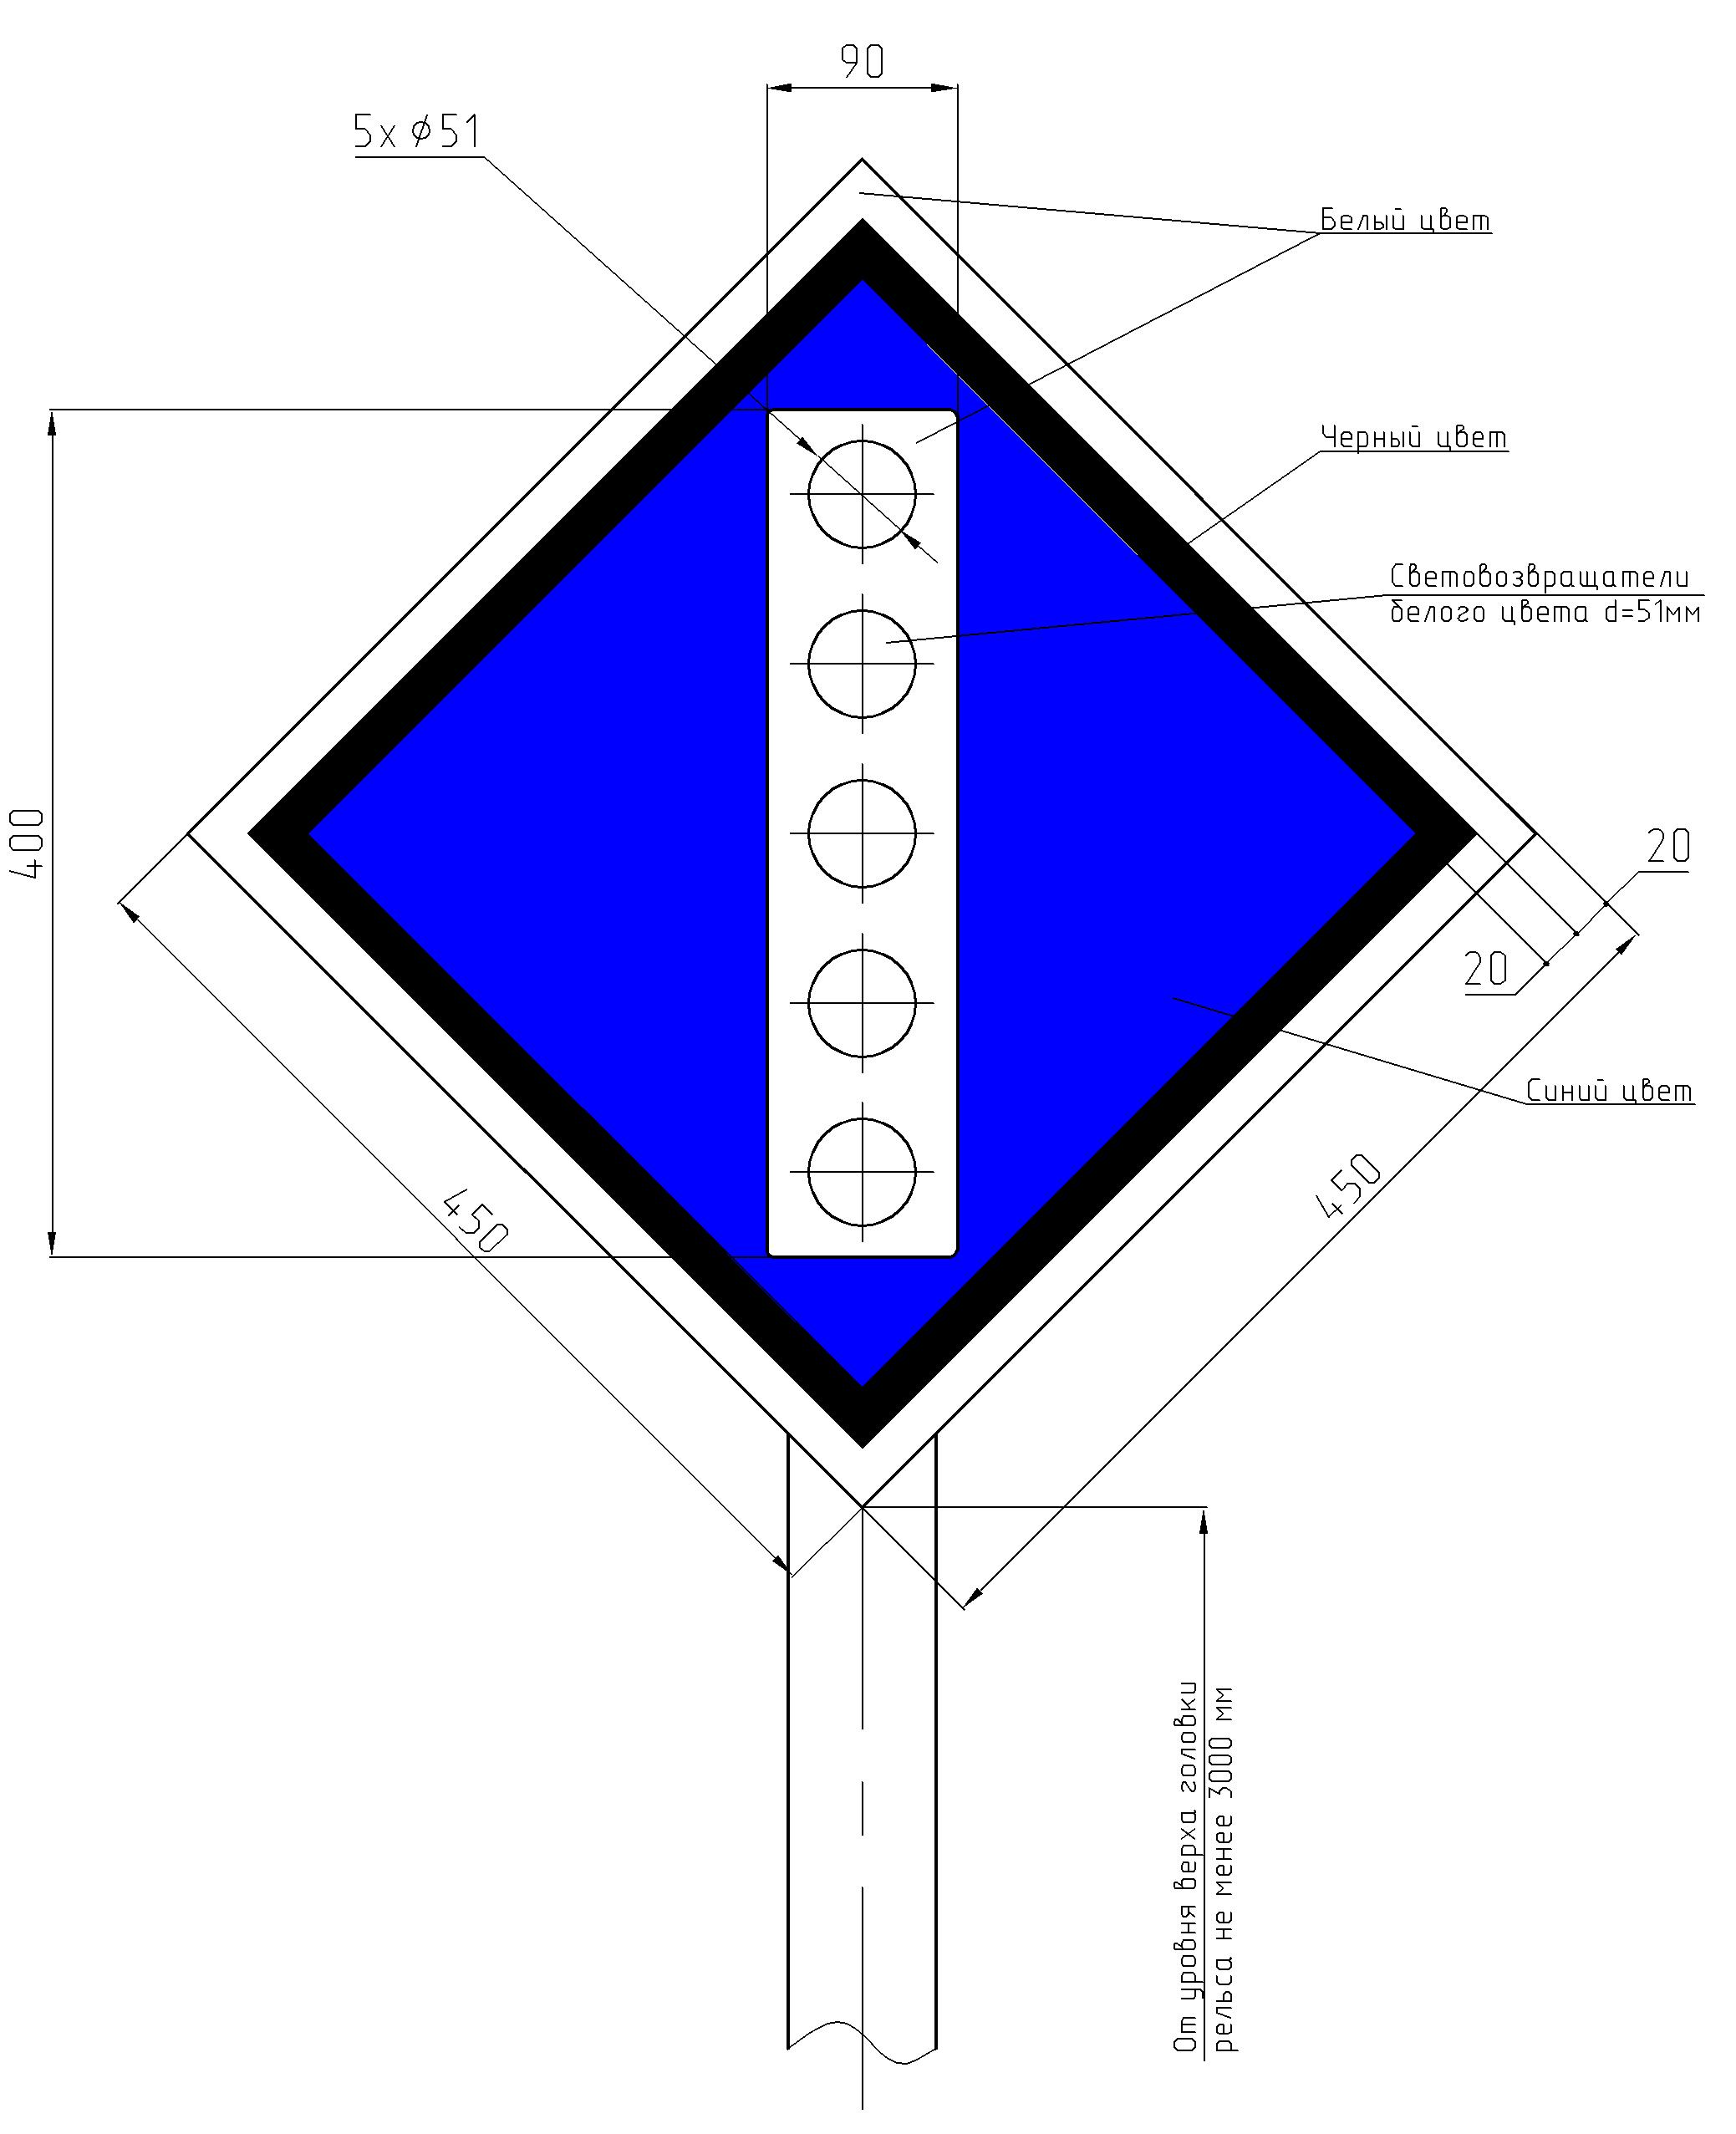 Рисунок 36. Временный сигнальный знак «Поднять токоприемник»